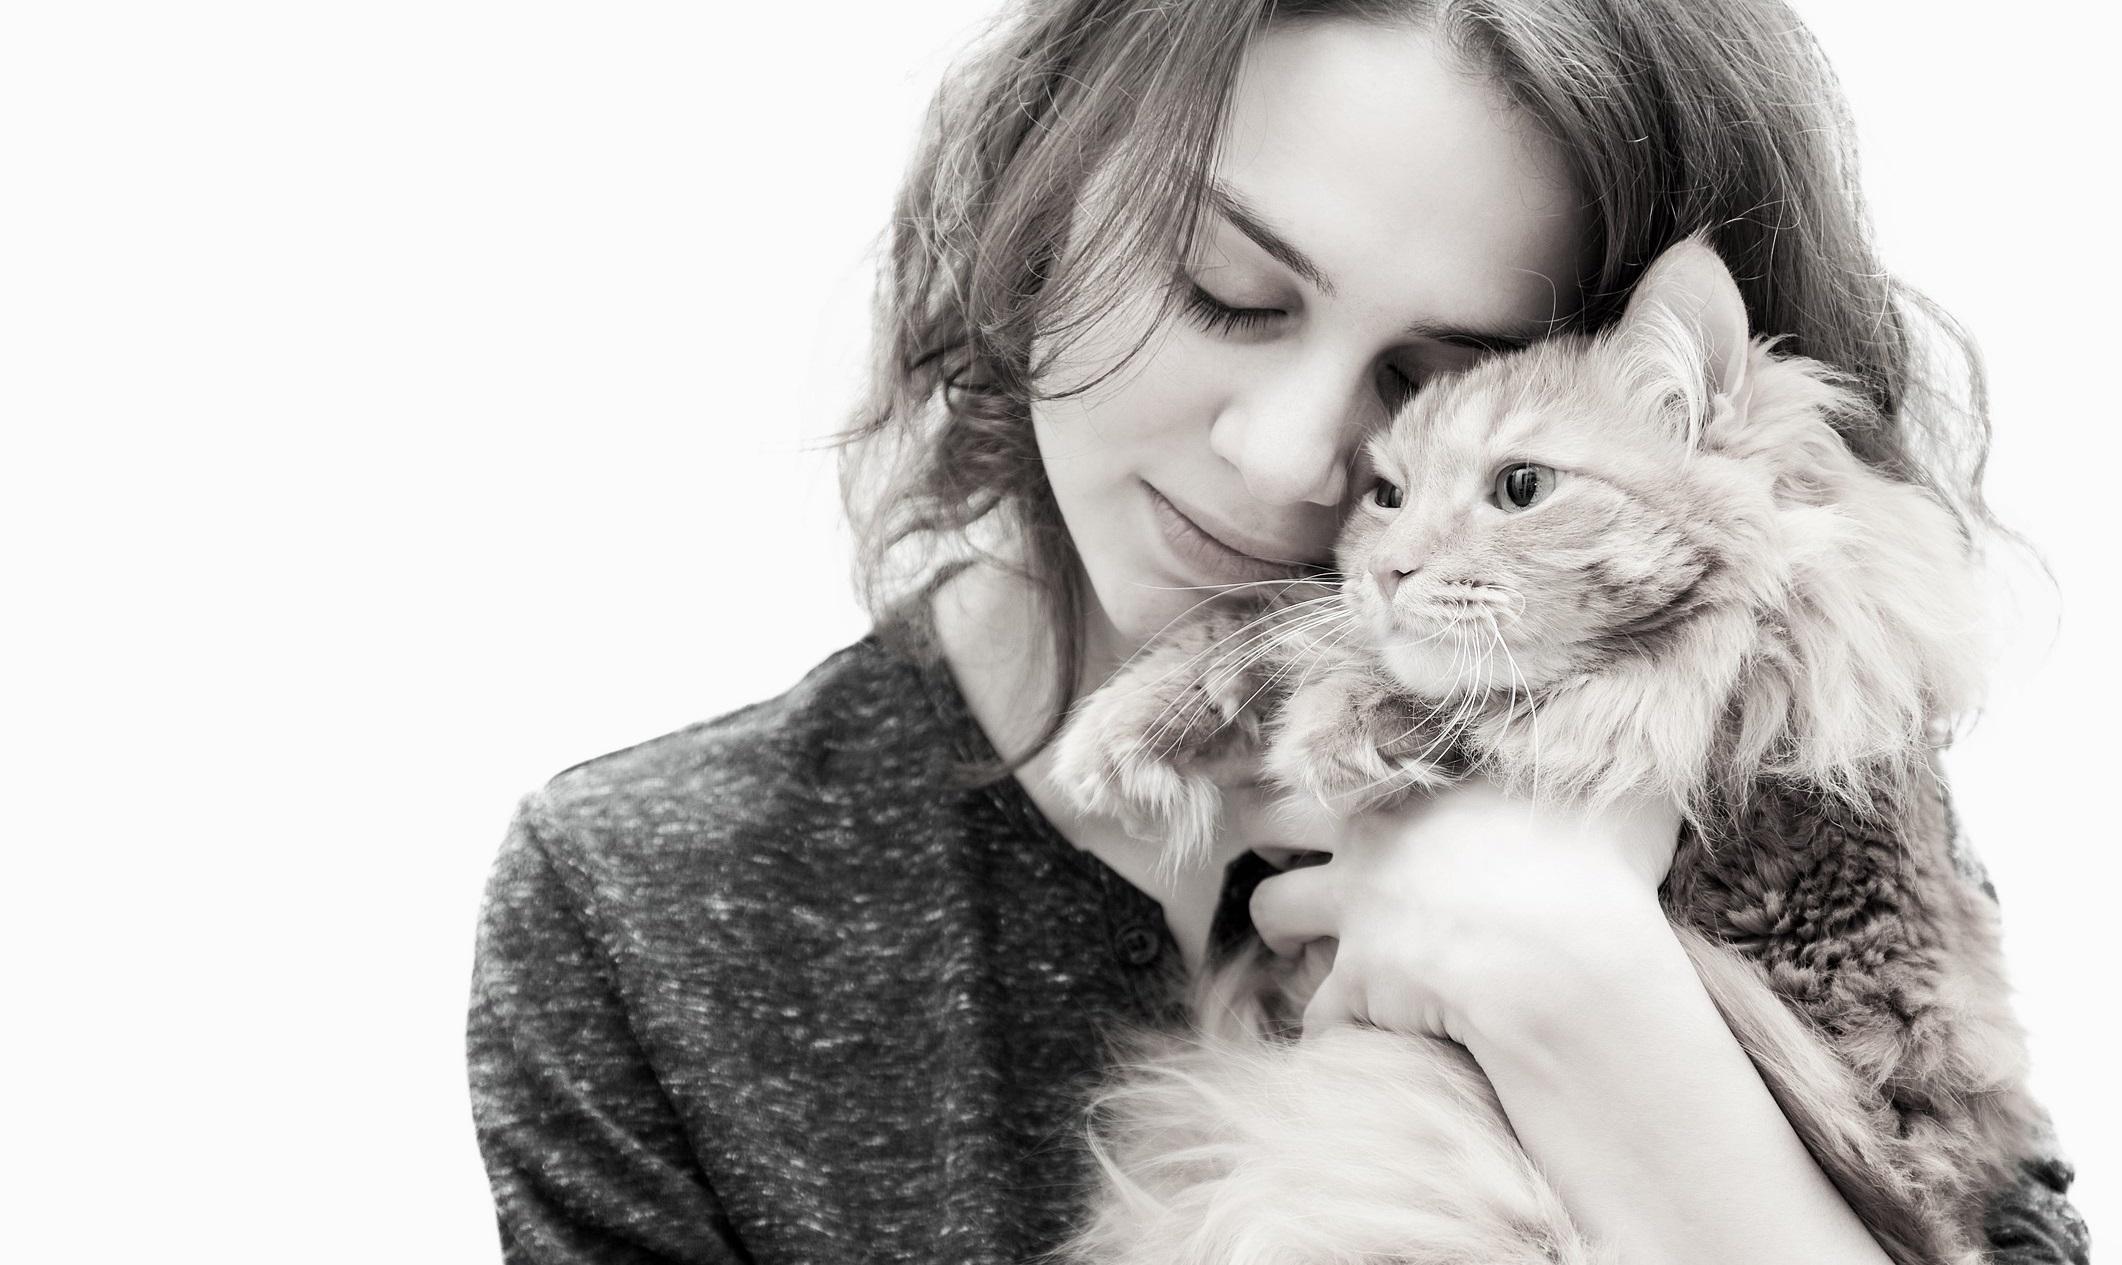 Kedi sahibi olmak sağlığımıza iyi geliyor